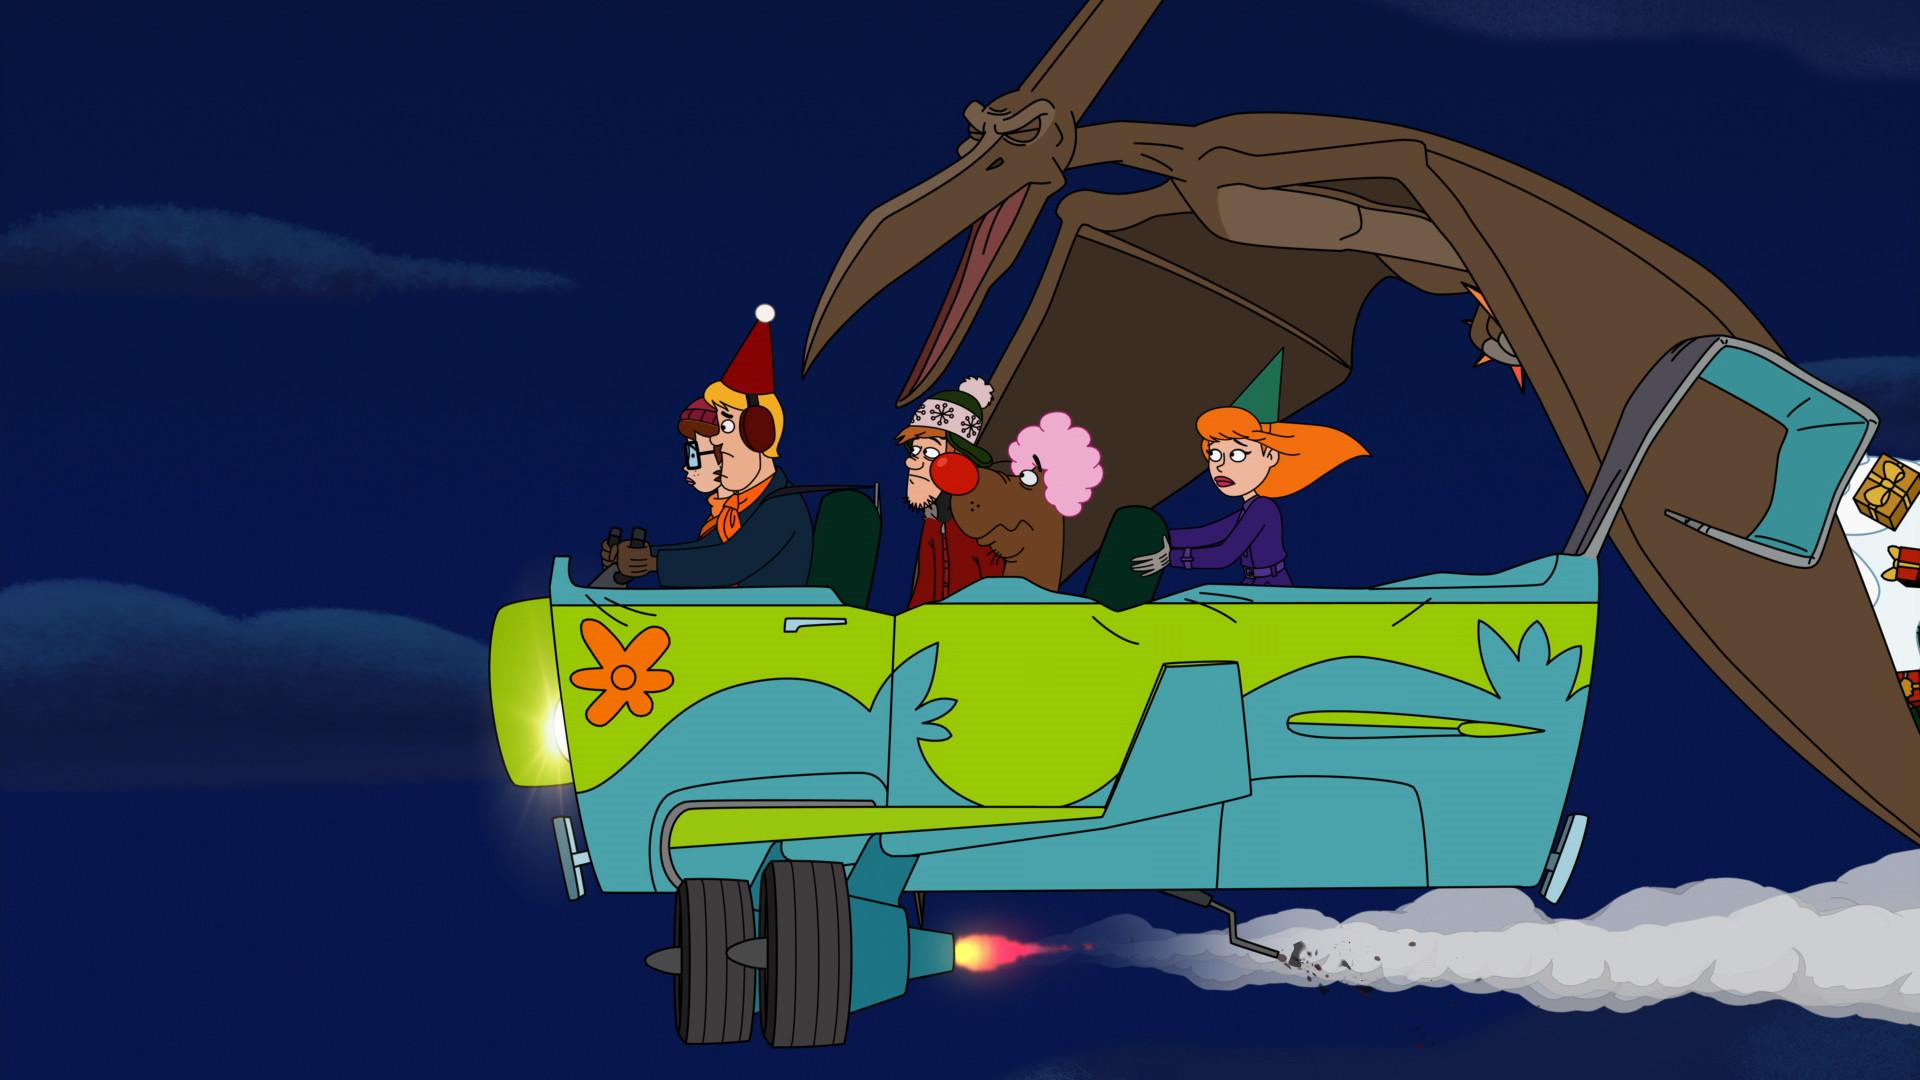 Scooby Doo Wallpaper for Desktop (72+ images)